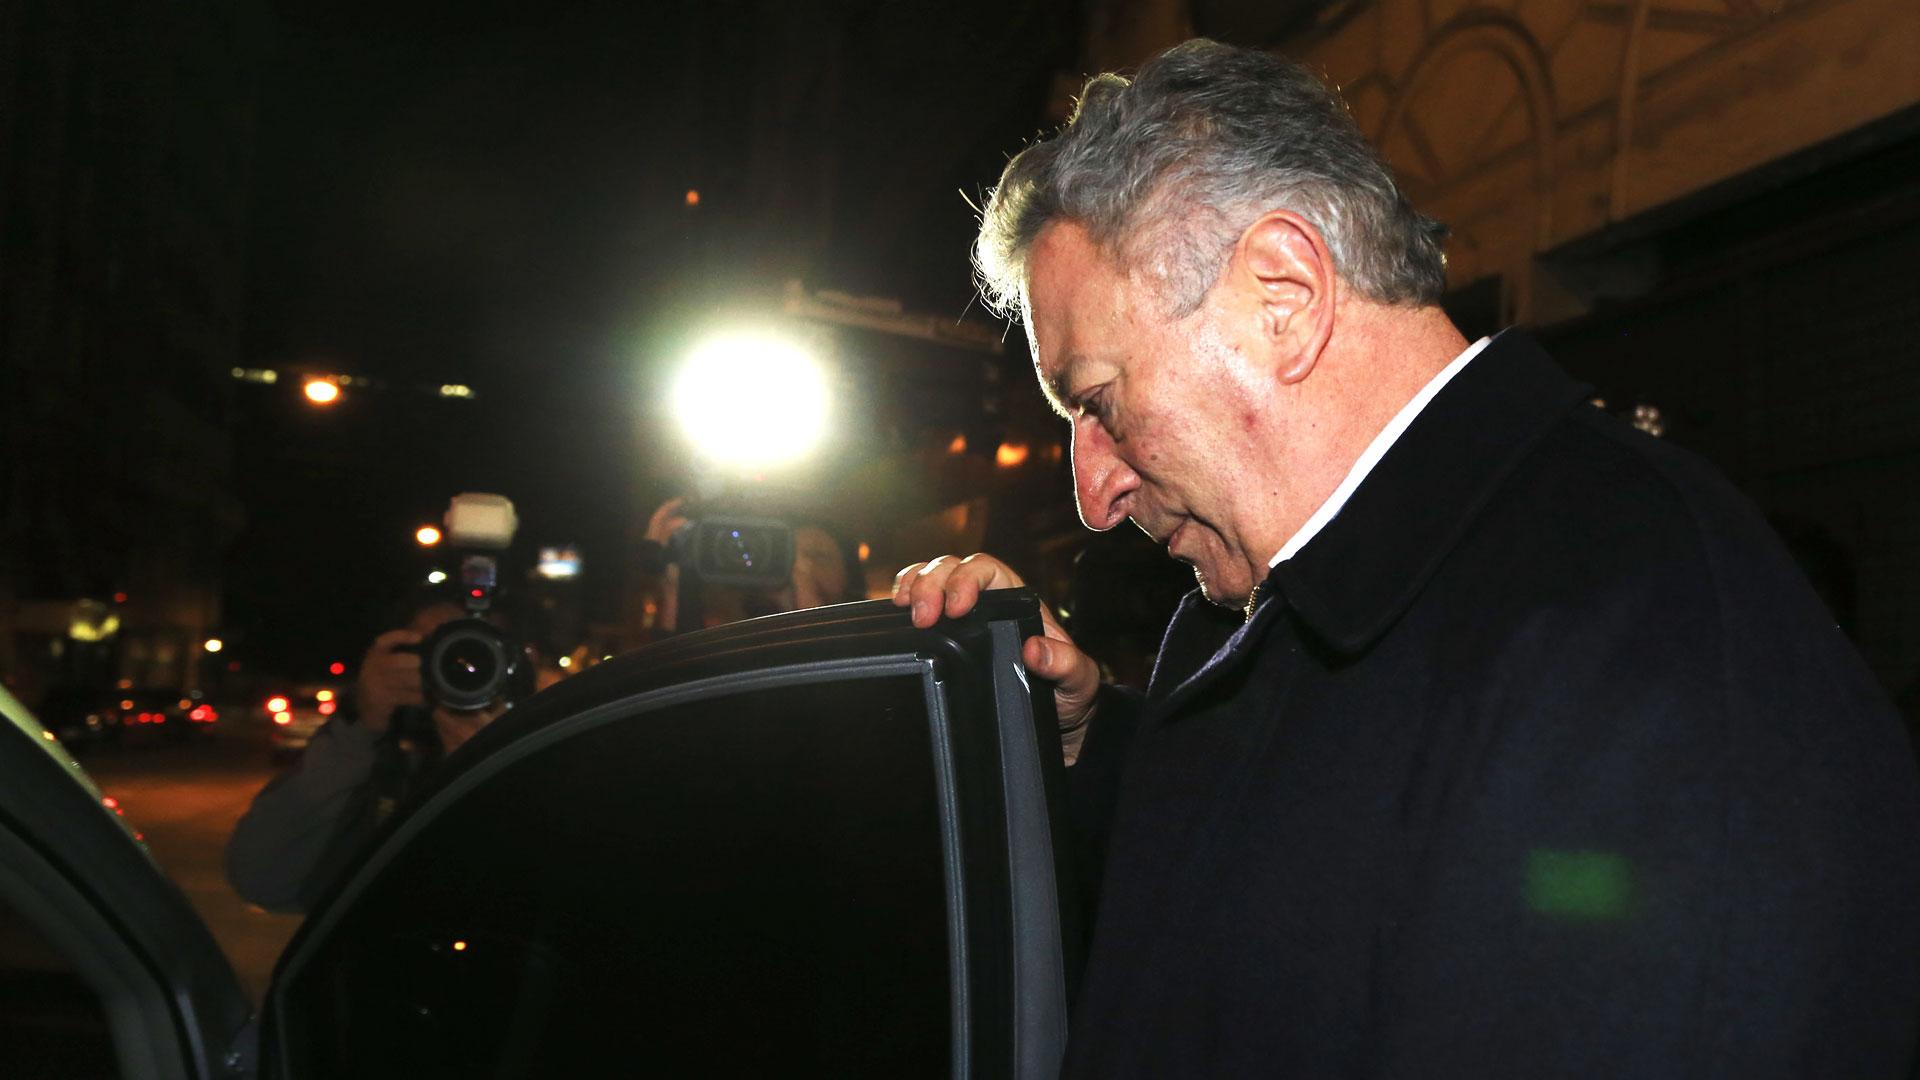 Luis Segura presentó su renuncia como presidente de AFA (NA)